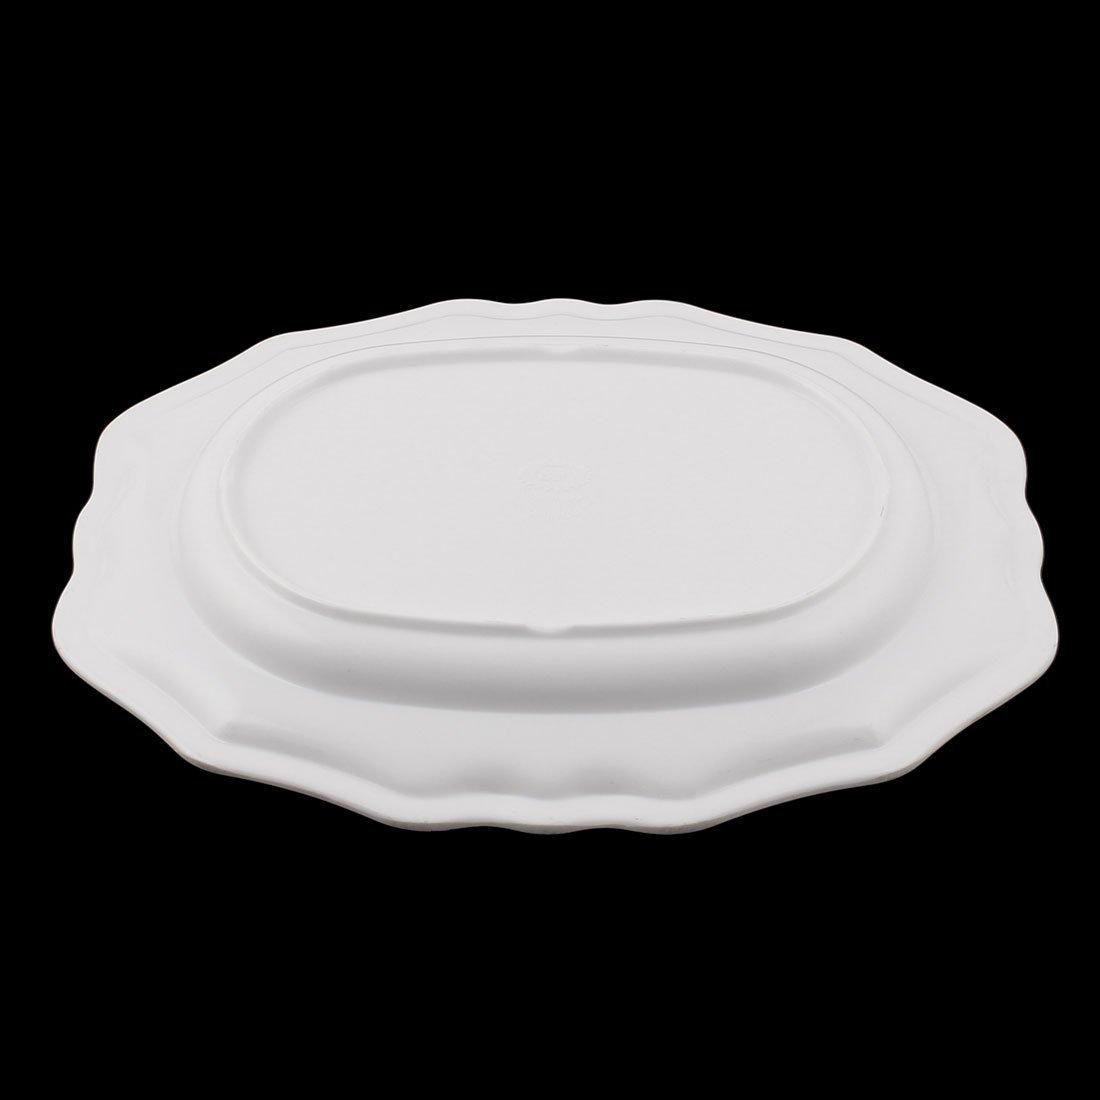 Amazon.com: Padrão DealMux Rose melamina Household Retângulo Fruit Titular dos doces Bandeja de Serviço colorido: Kitchen & Dining